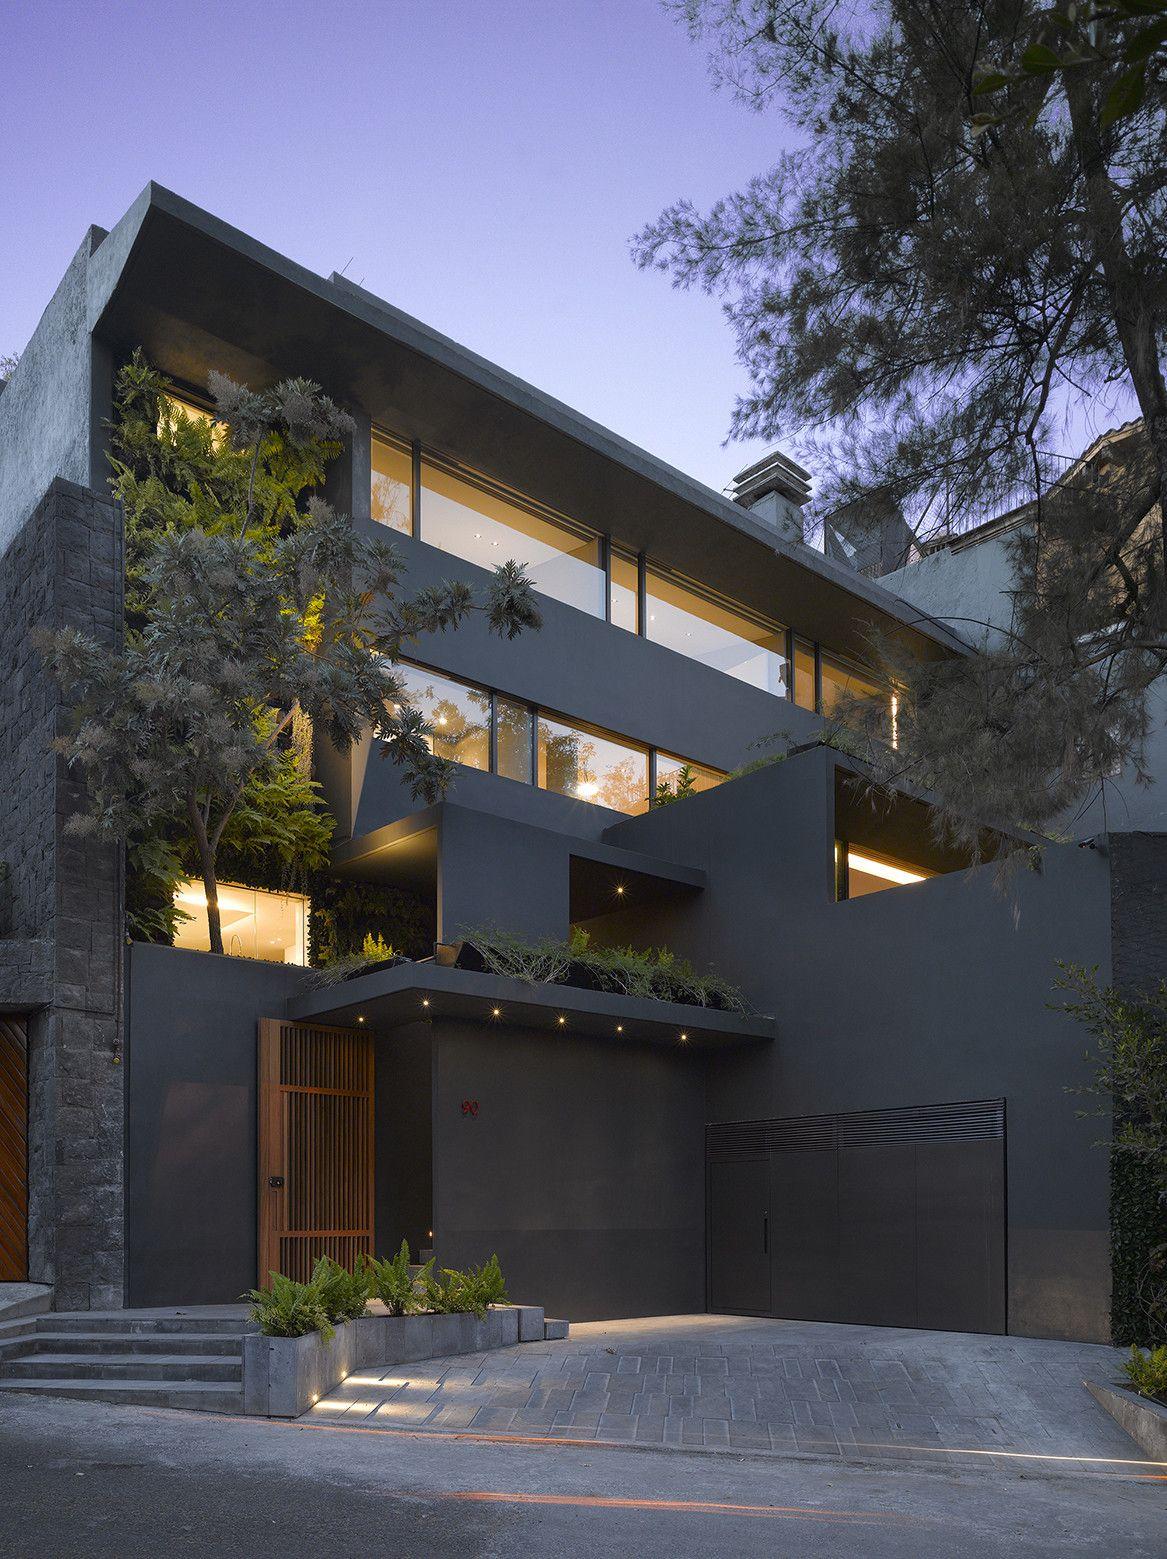 Galer a de casa barrancas ezequielfarca arquitectura y for Arquitectura y diseno de casas modernas